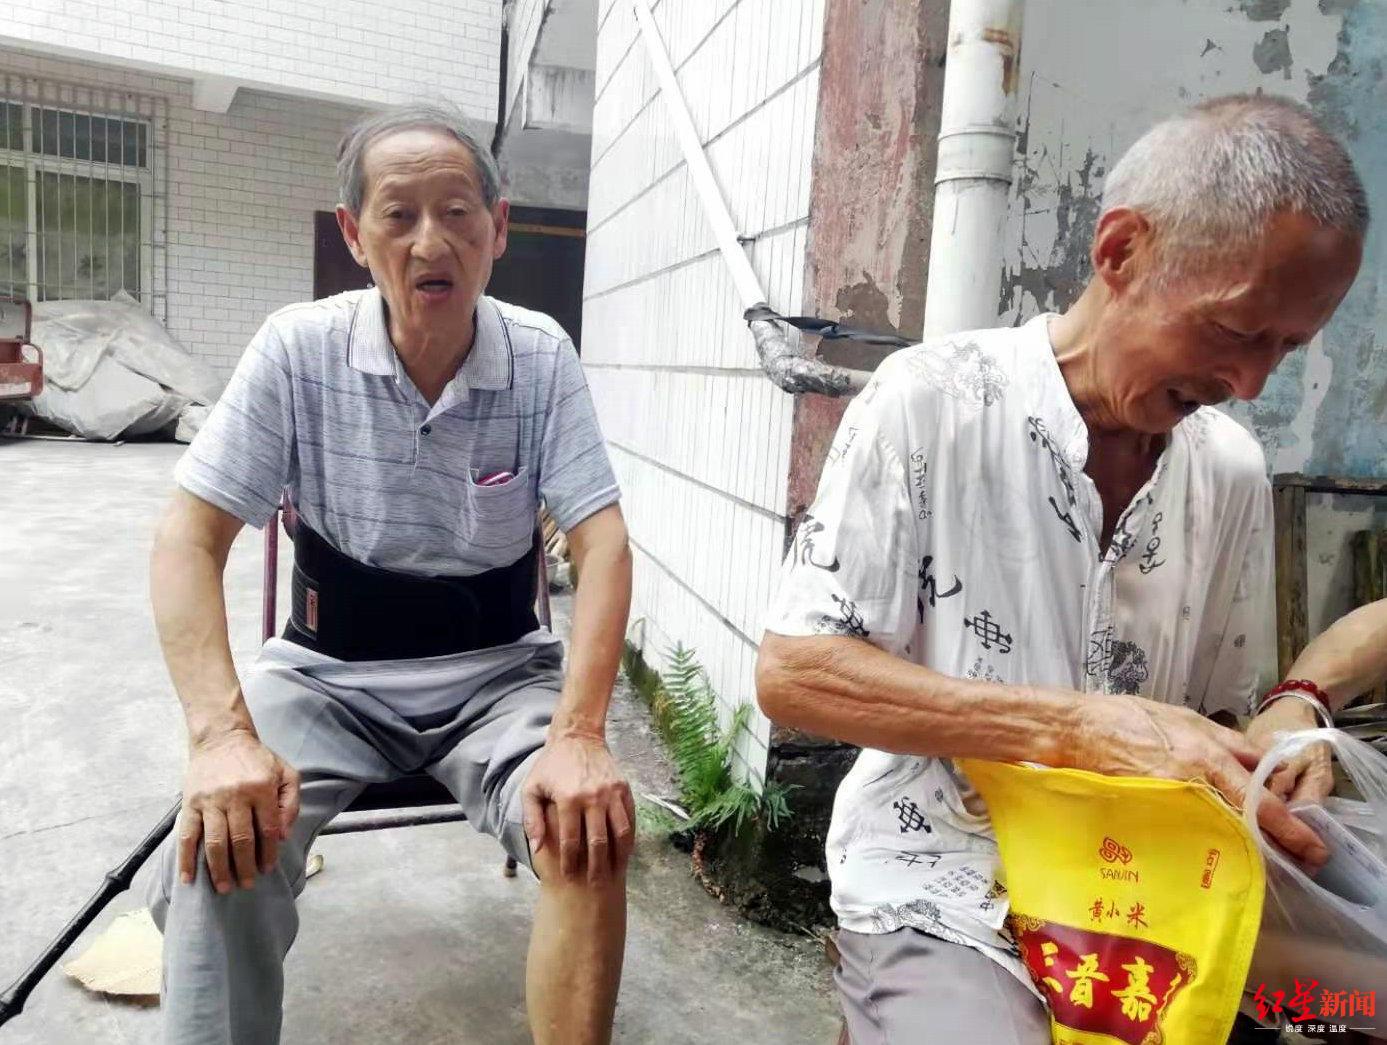 侠义杨八爷:一身青衣行江湖 30余年捐资筑堰修路帮老人